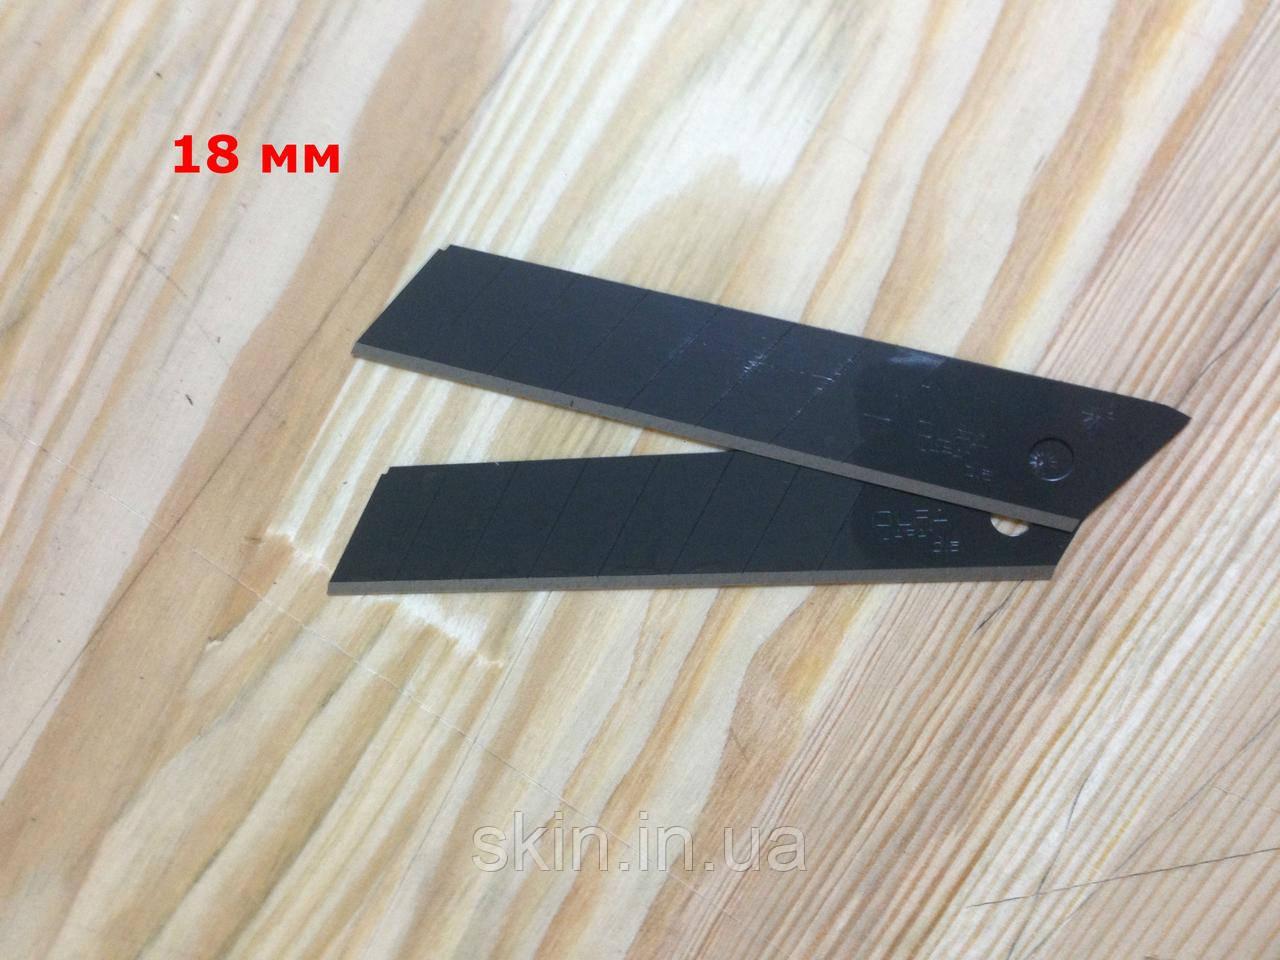 Лезвия OLFA сегментированные, ширина - 18 мм, толщина 0.5 мм., в упаковке - 2 шт., артикул СК 6045